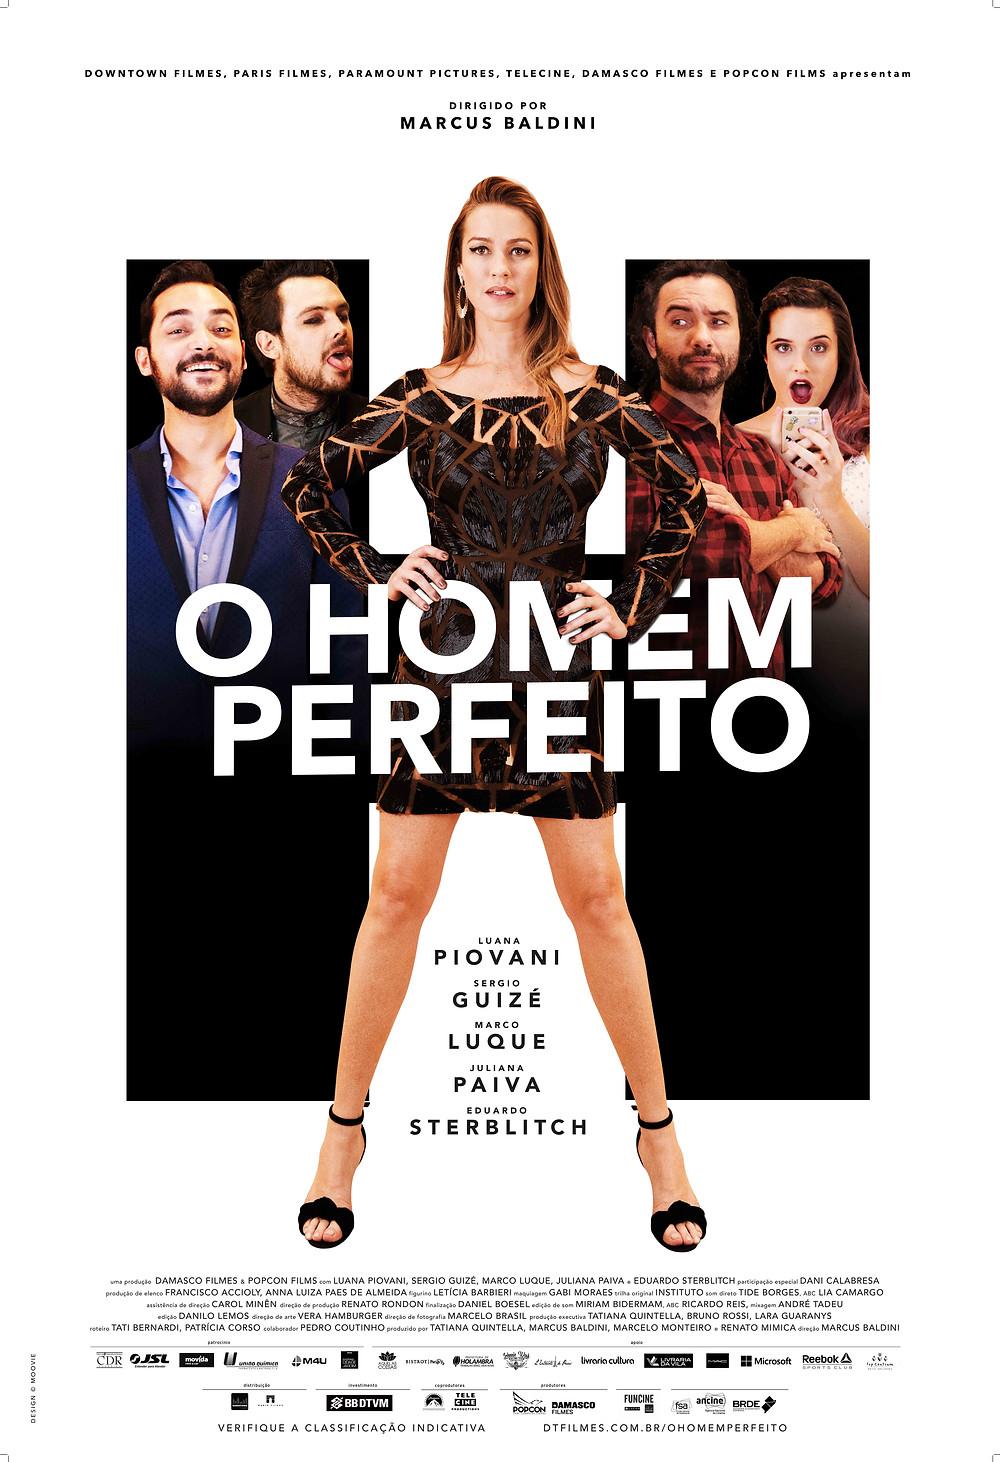 Cartaz de O Homem Perfeito (2018) | Divulgação (Downtown Filmes / Paris Filmes)